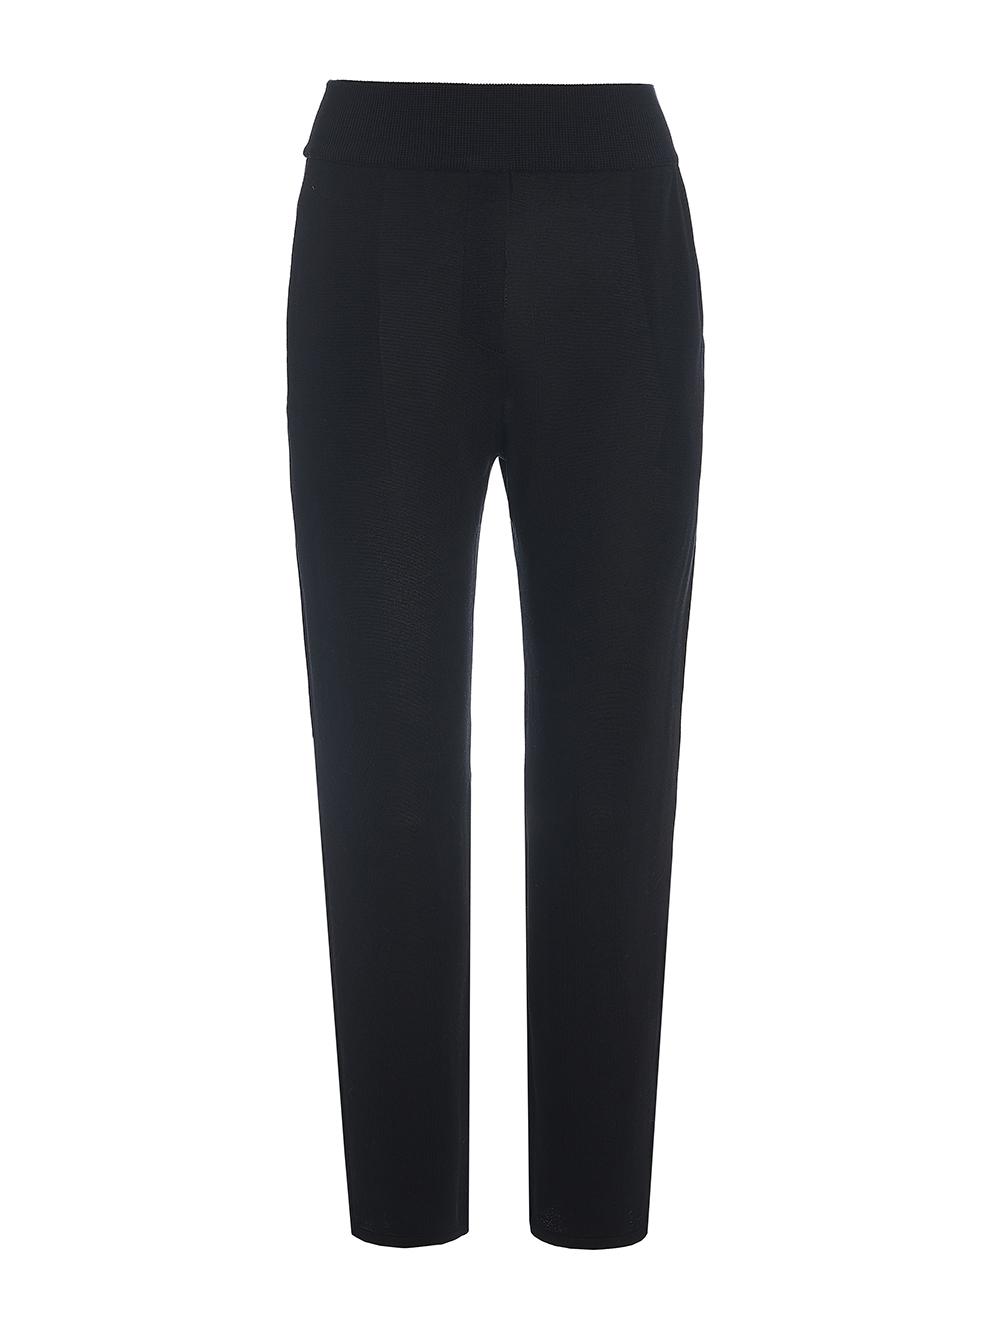 Женские брюки с карманами черного цвета из шелка и вискозы - фото 1